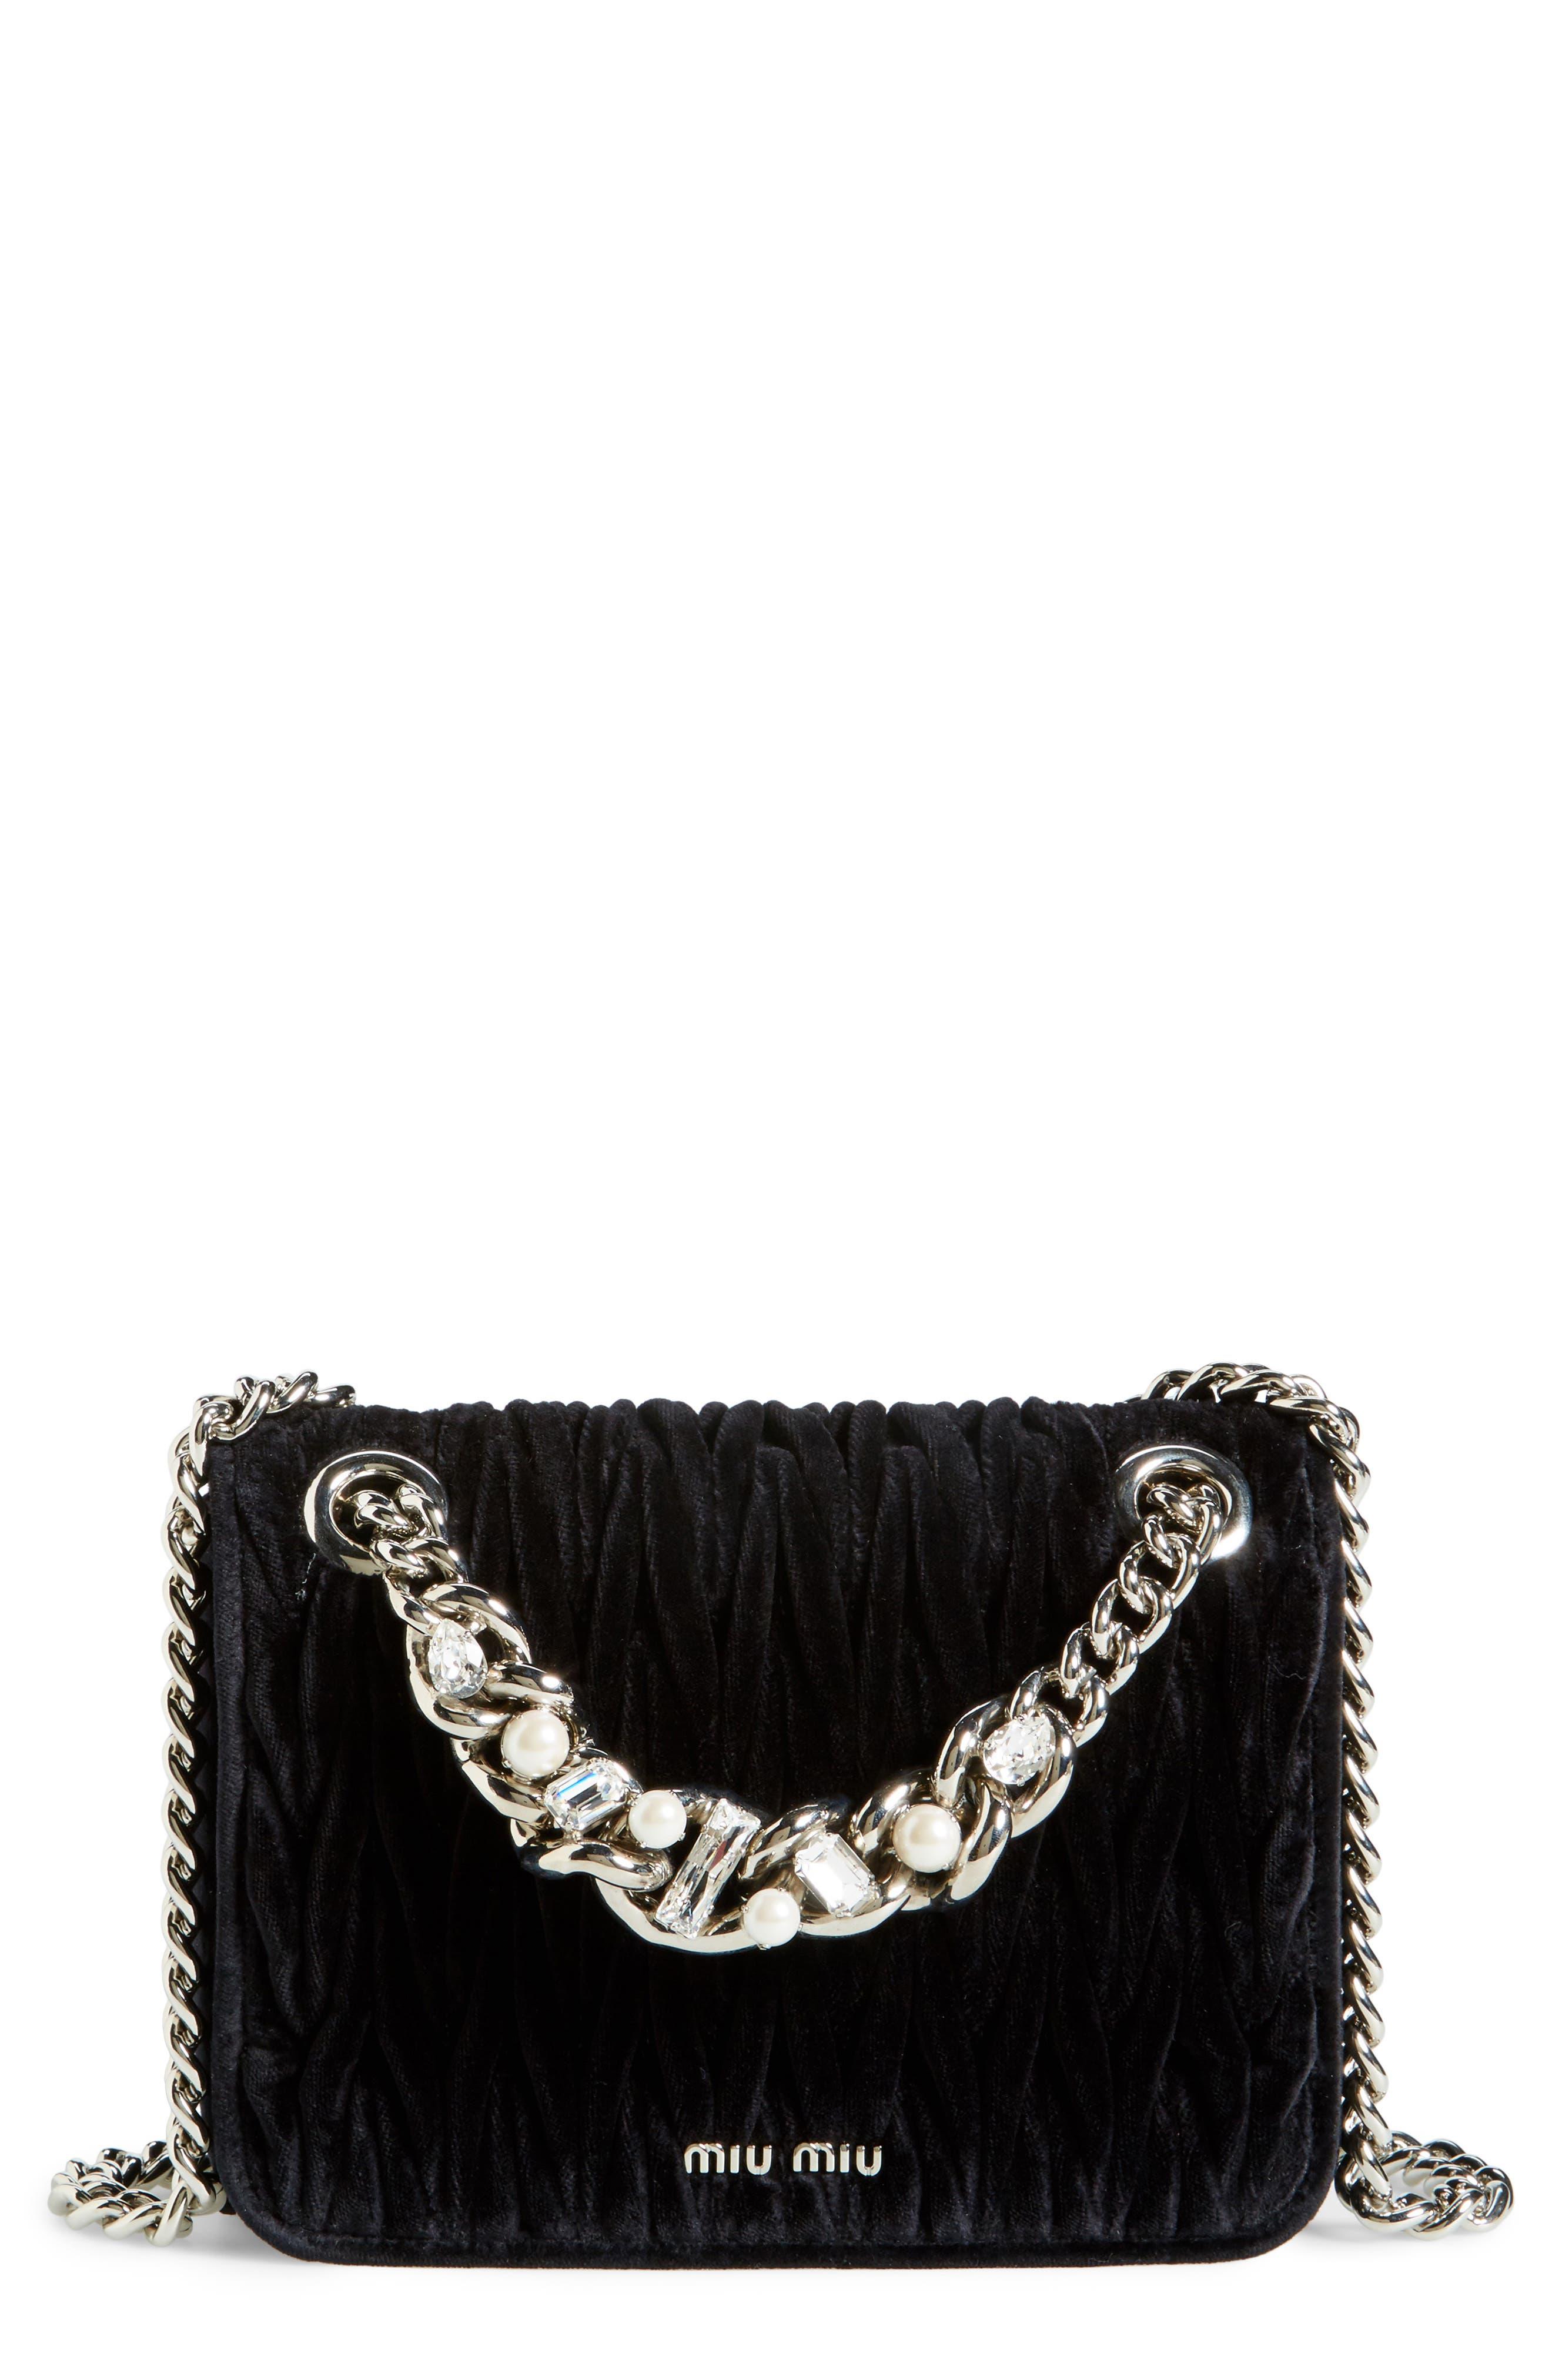 Alternate Image 1 Selected - Miu Miu Small Club Velvet Matelassé Shoulder Bag